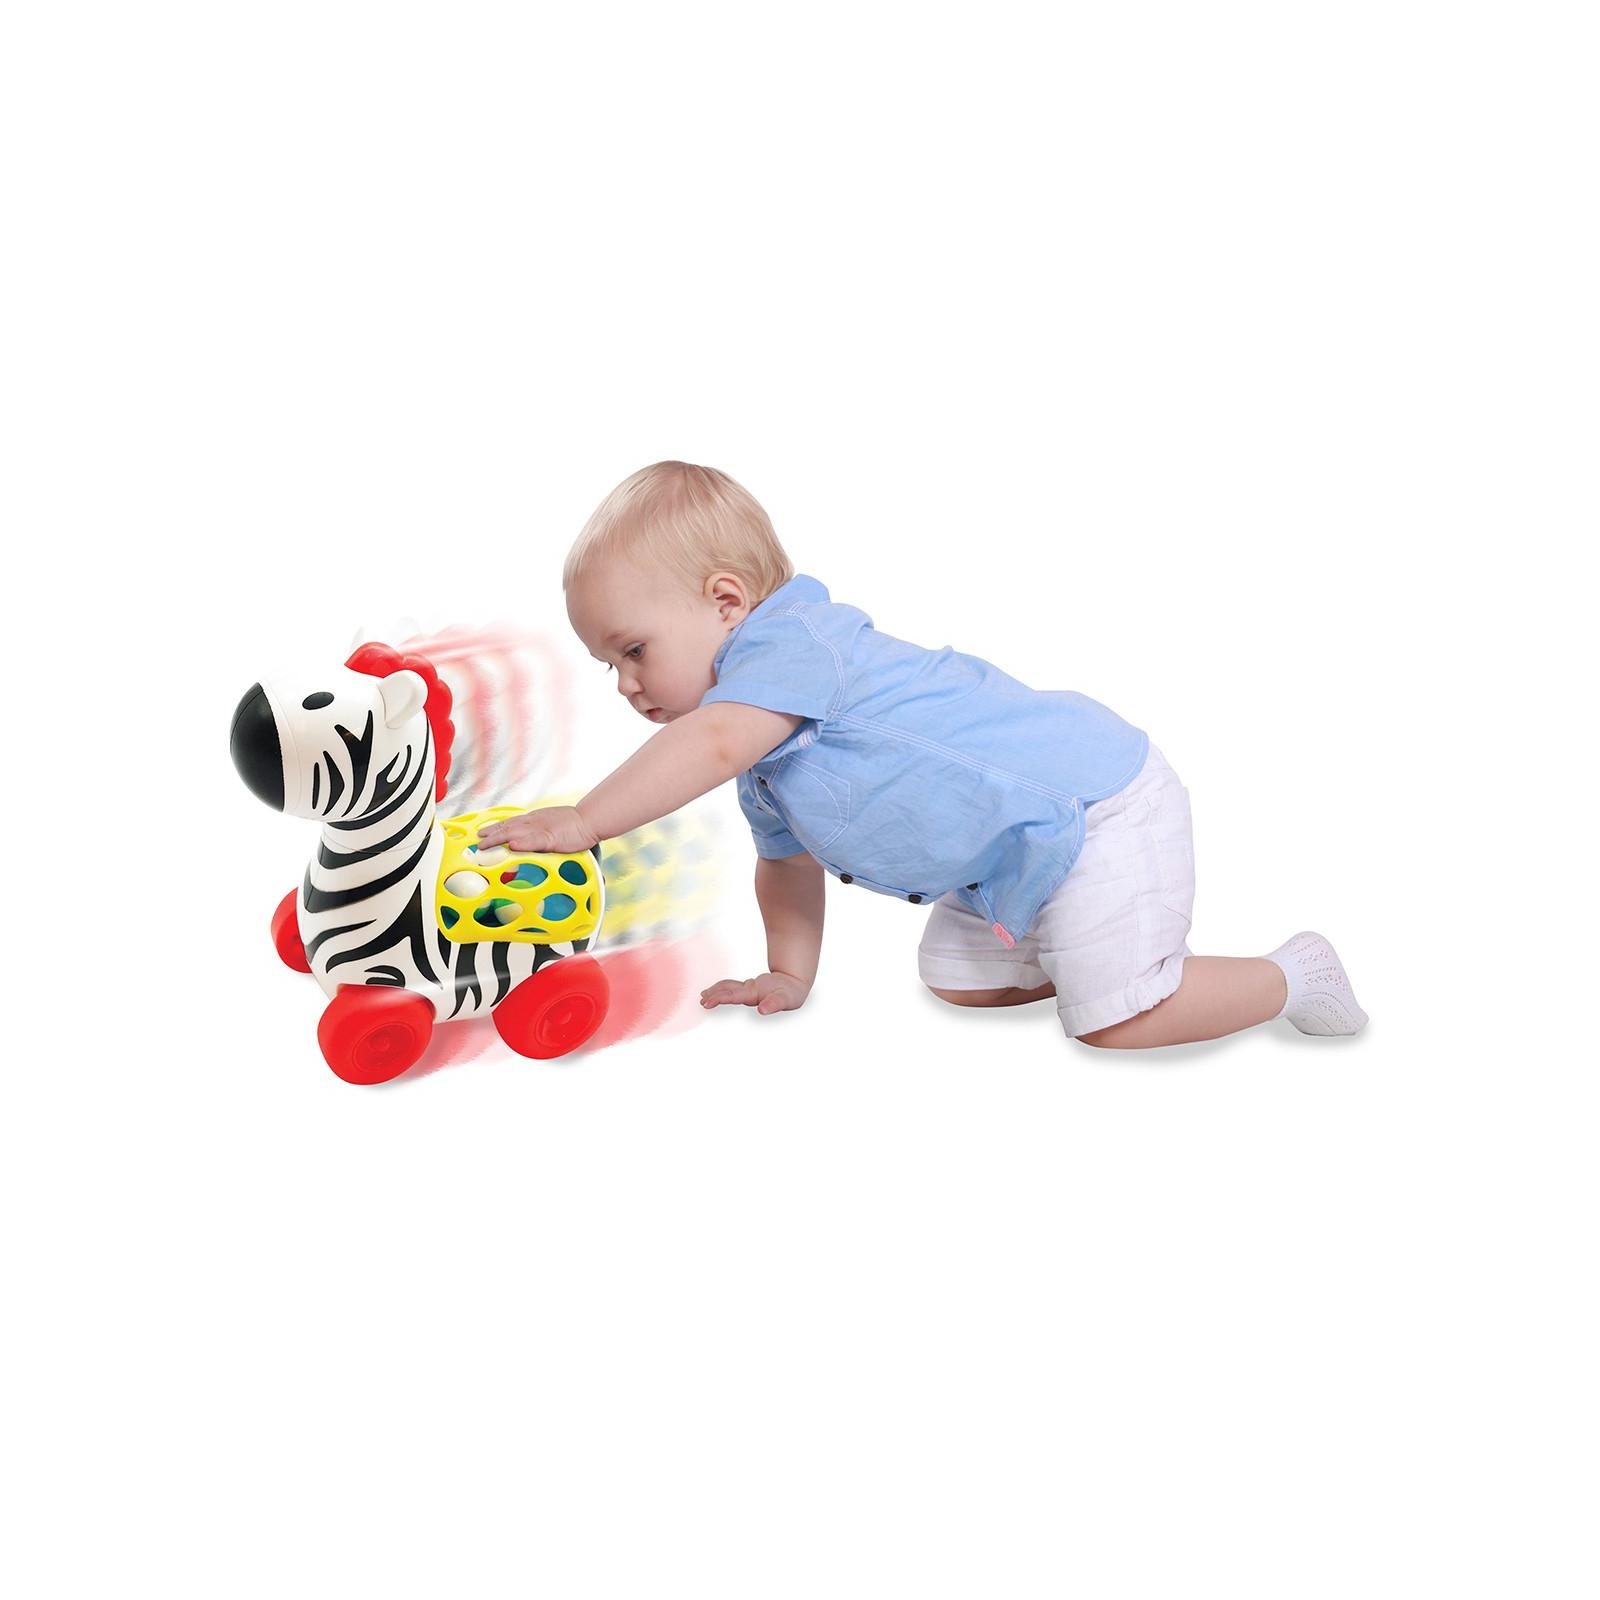 Развивающая игрушка Kiddieland Веселая зебра на колесах (056812) изображение 2